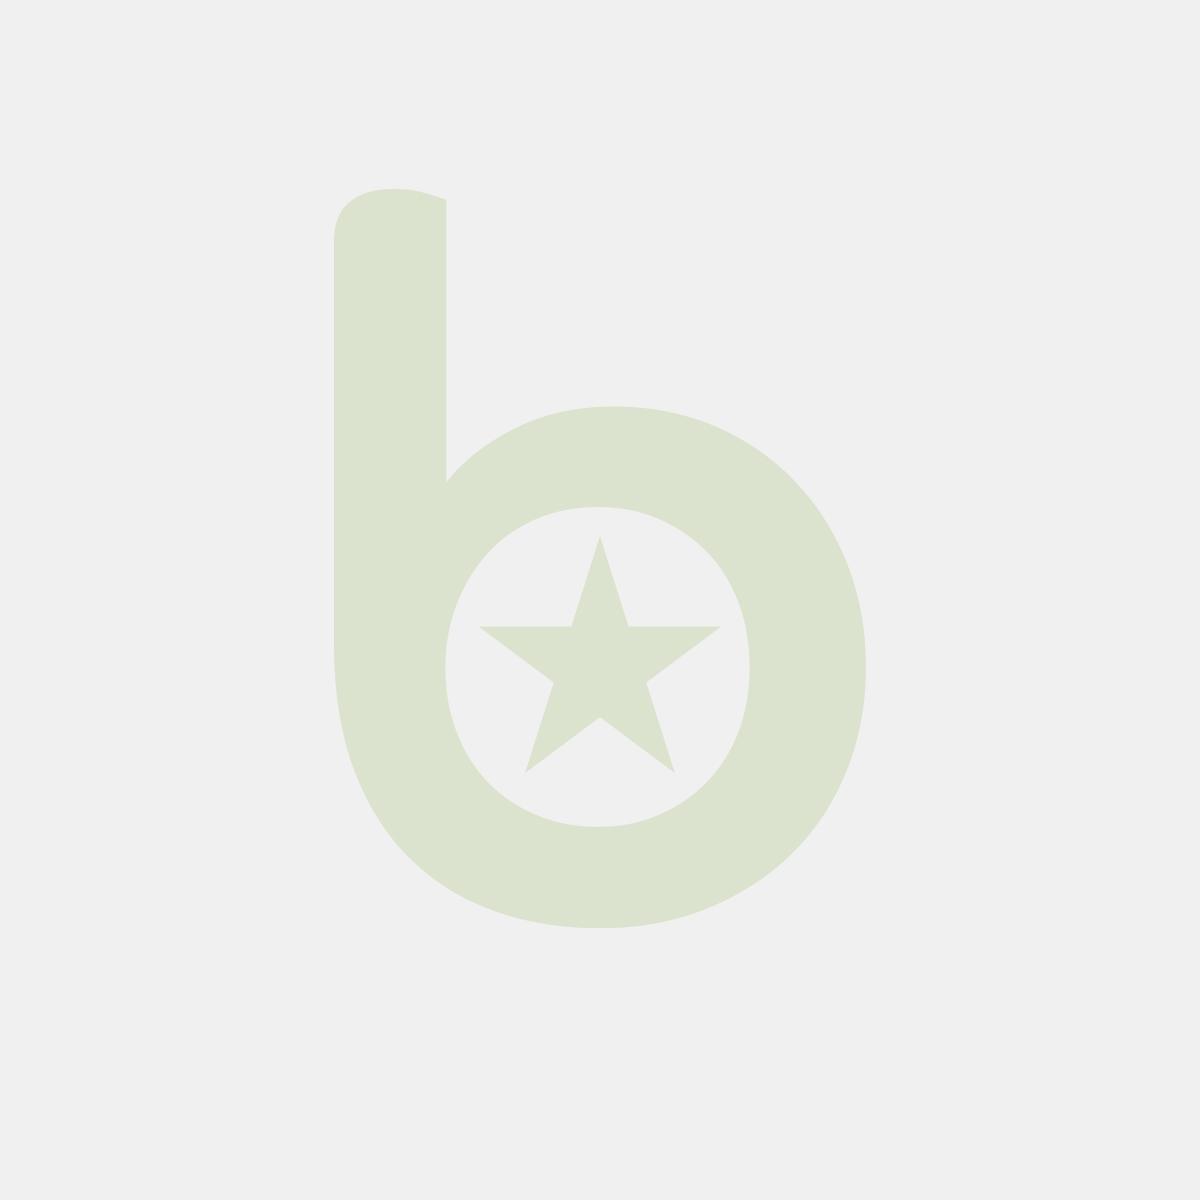 Profesjonalny preparat do odkamieniania zmywarek gastronomicznych - kod 975008